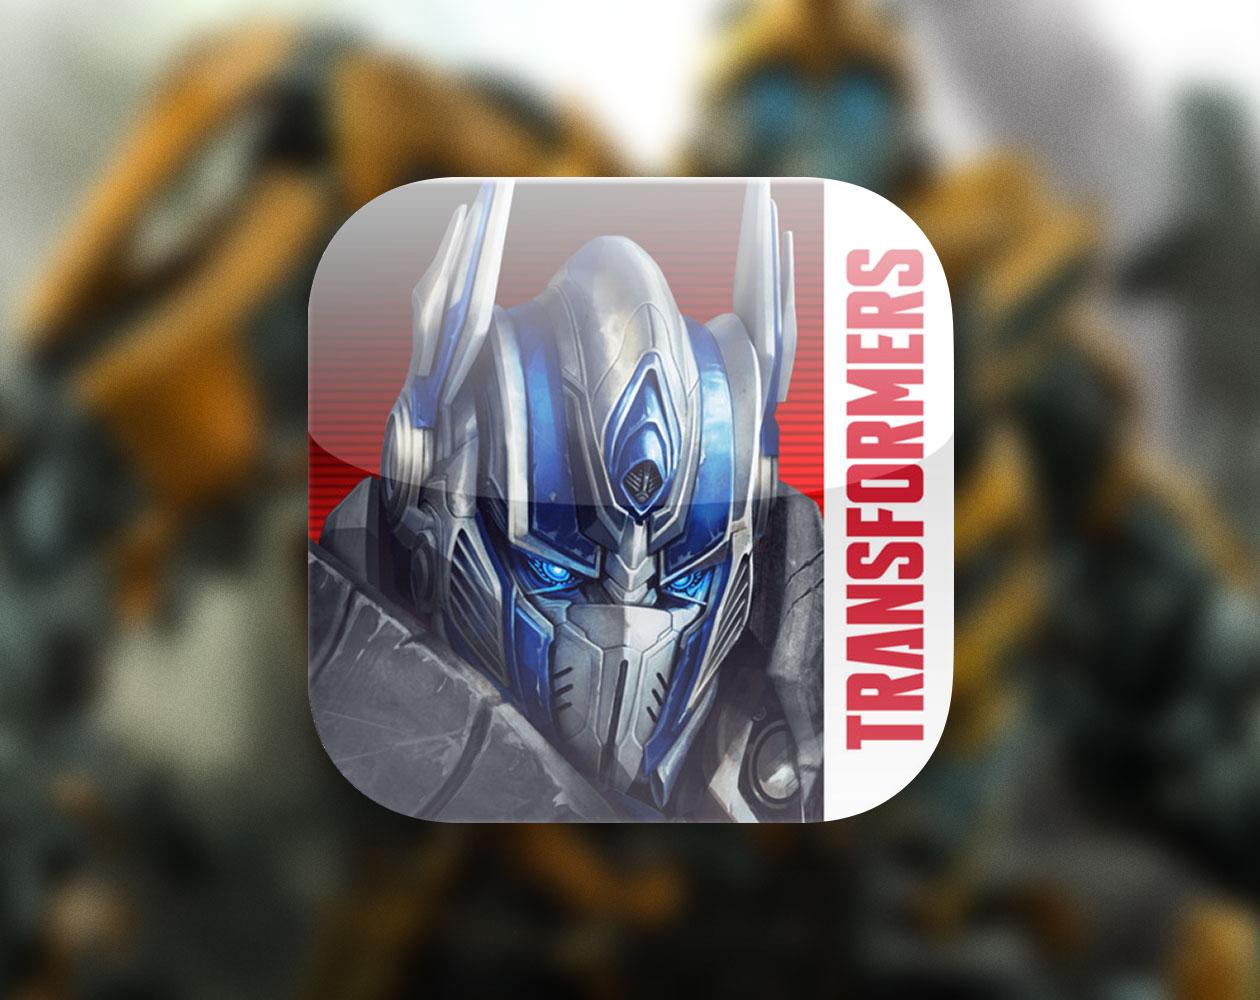 Transformers: Age Of Extinction для iOS — скучный «раннер» по мотивам блокбастера